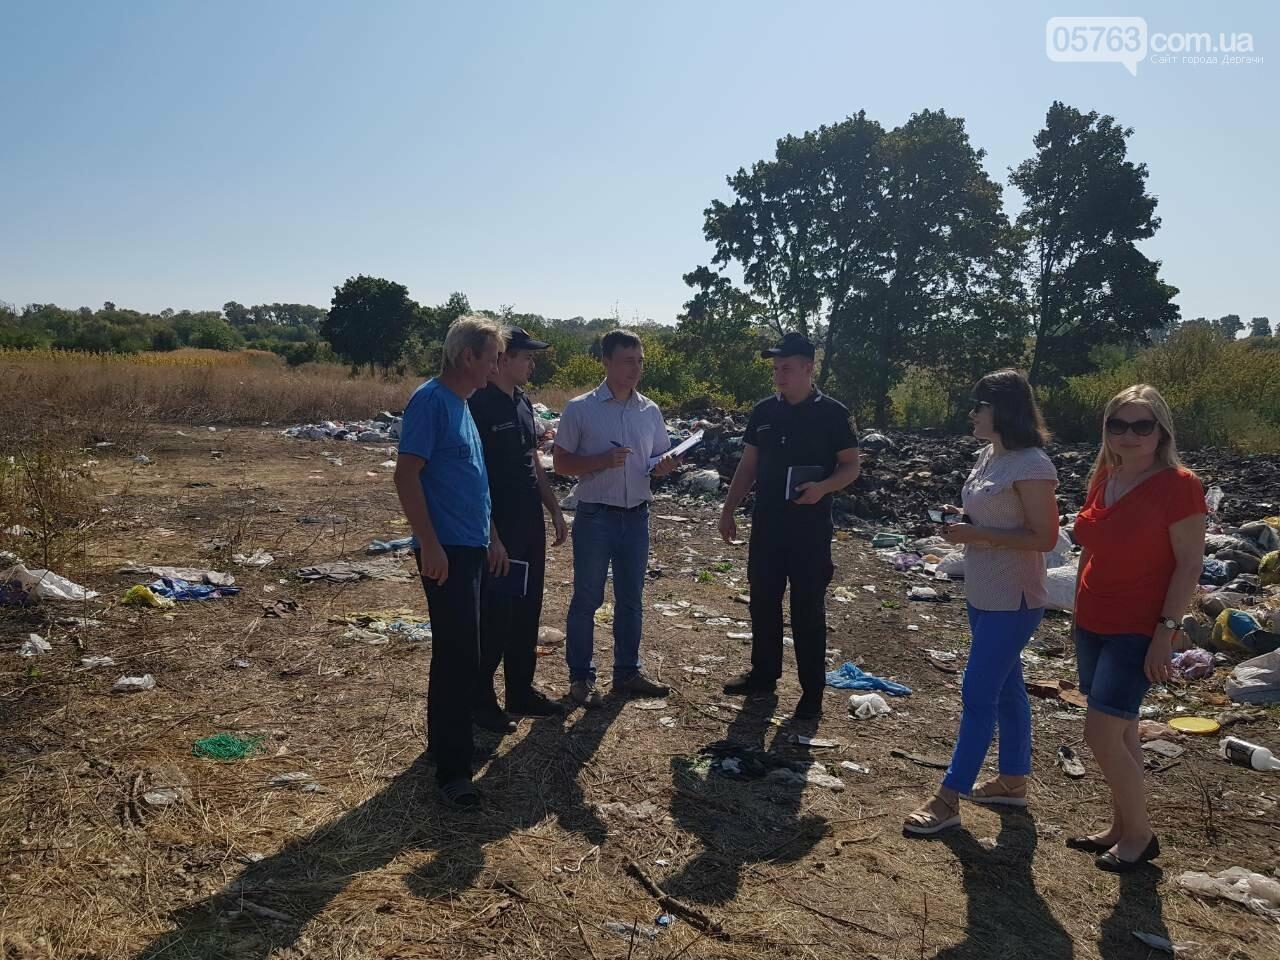 Дергачевский район: приняли участие в комиссионном обследовании полигонов хранения ТБО, фото-1